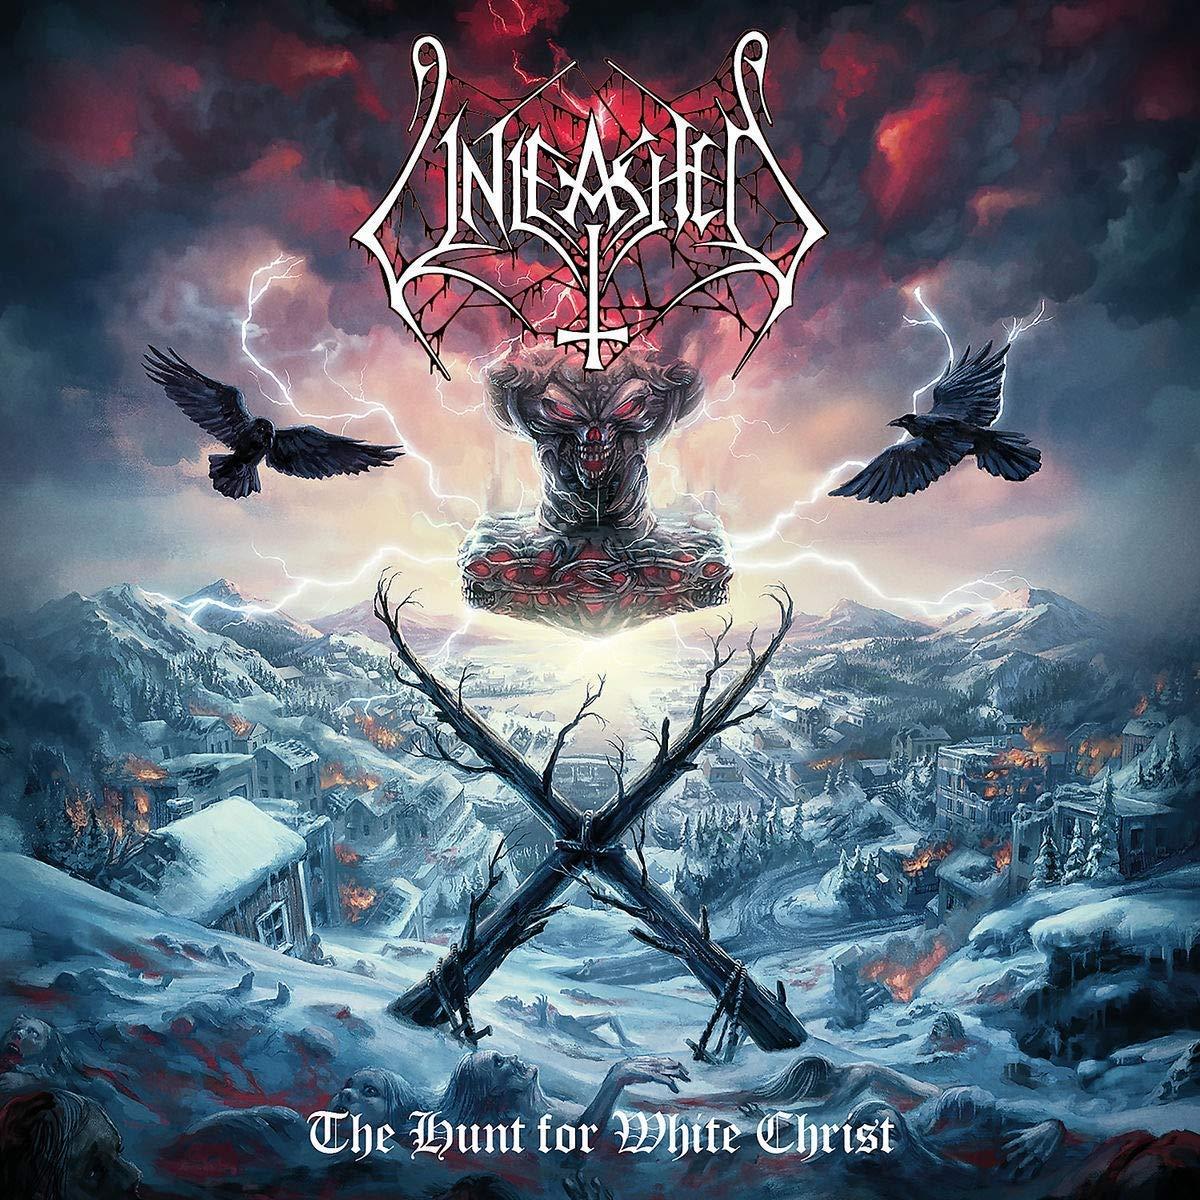 UNLEASHED - THE HUNT FOR WHITE CHRIST CD, EDIZIONE LIMITATA (CD